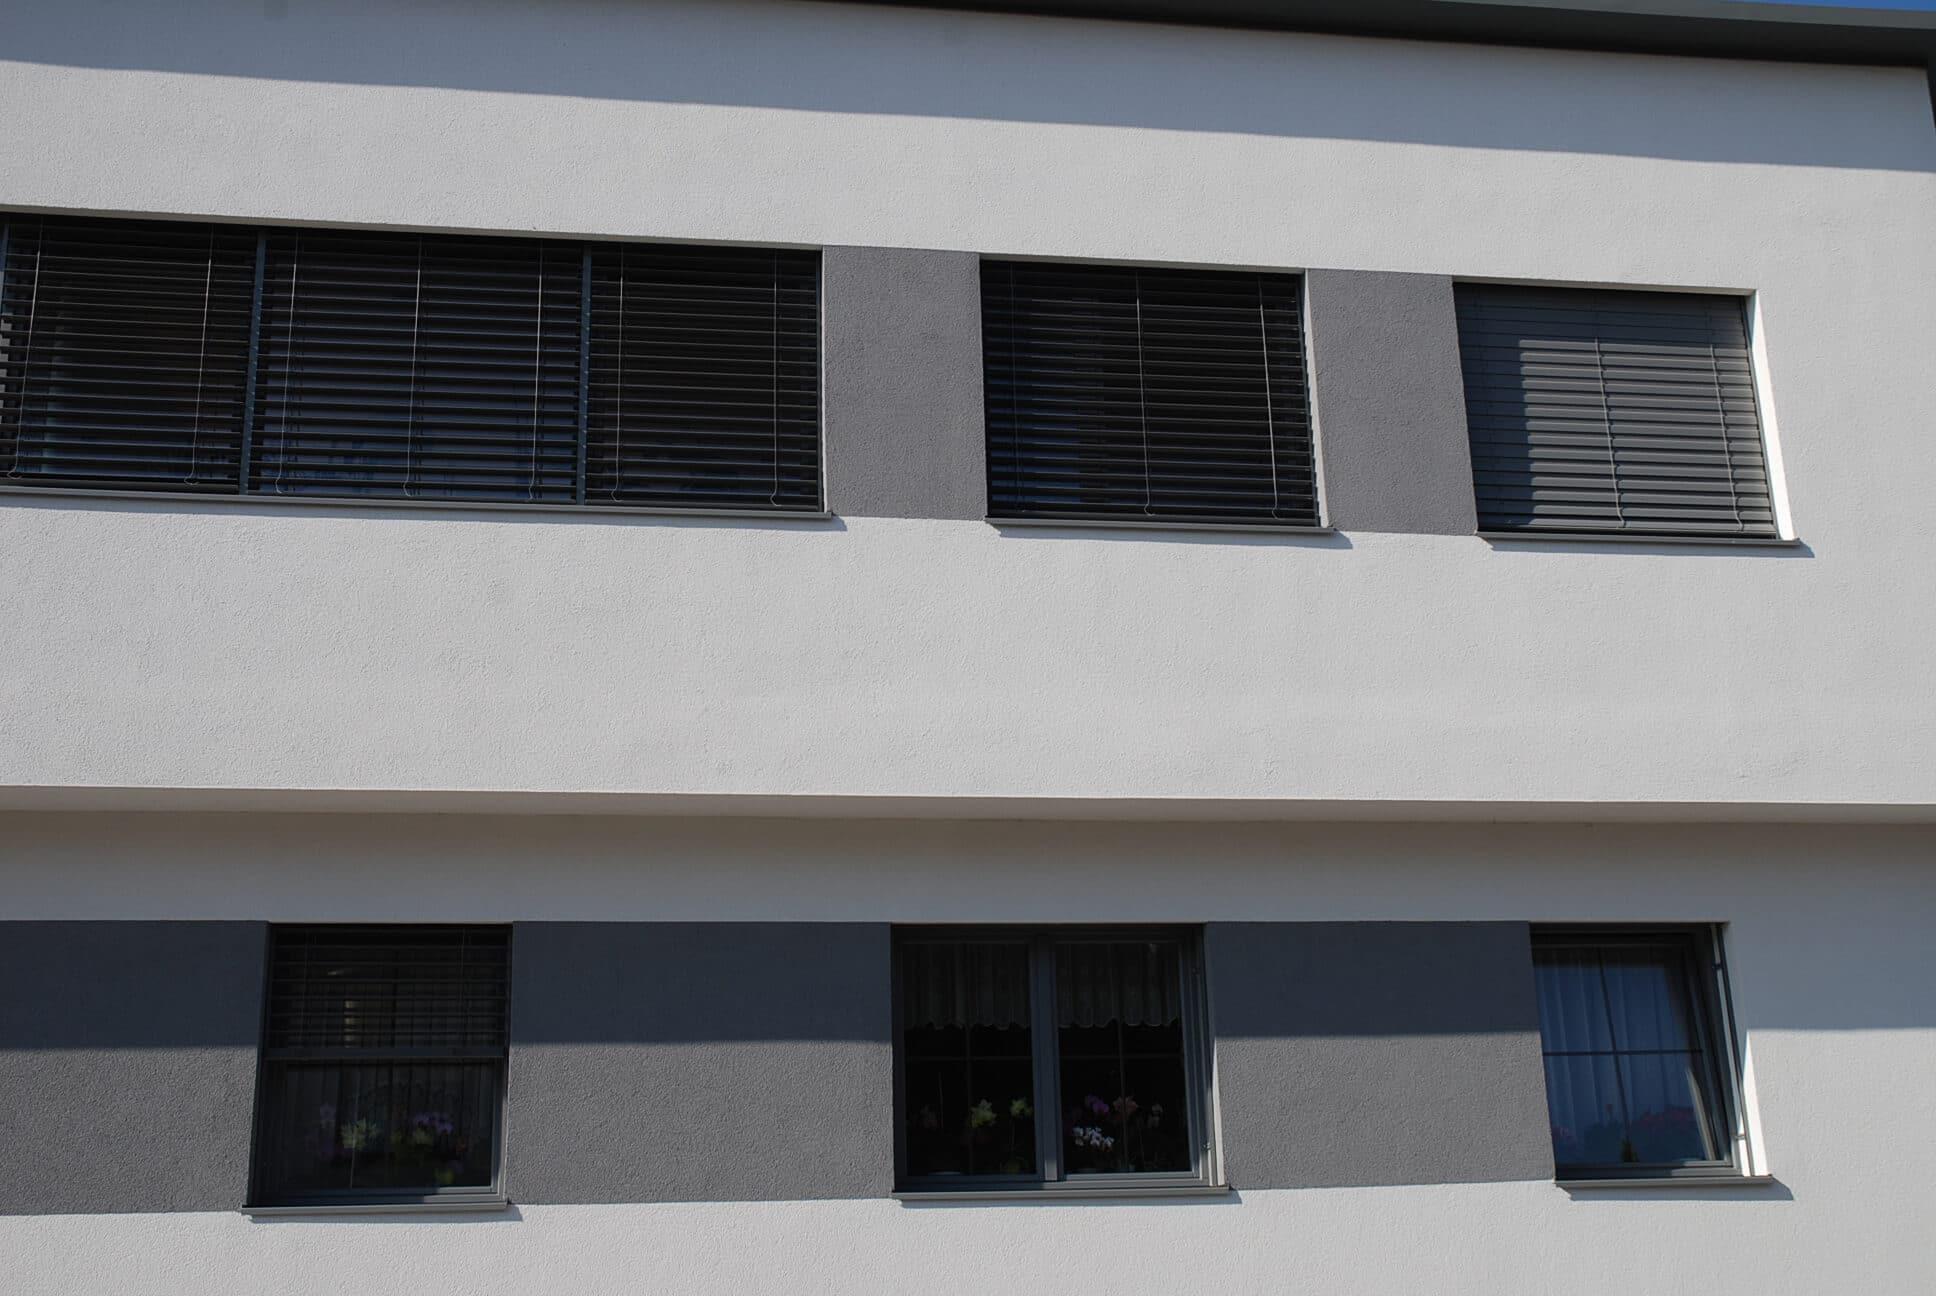 Fenster mit erhöhter Sicherheitsklasse